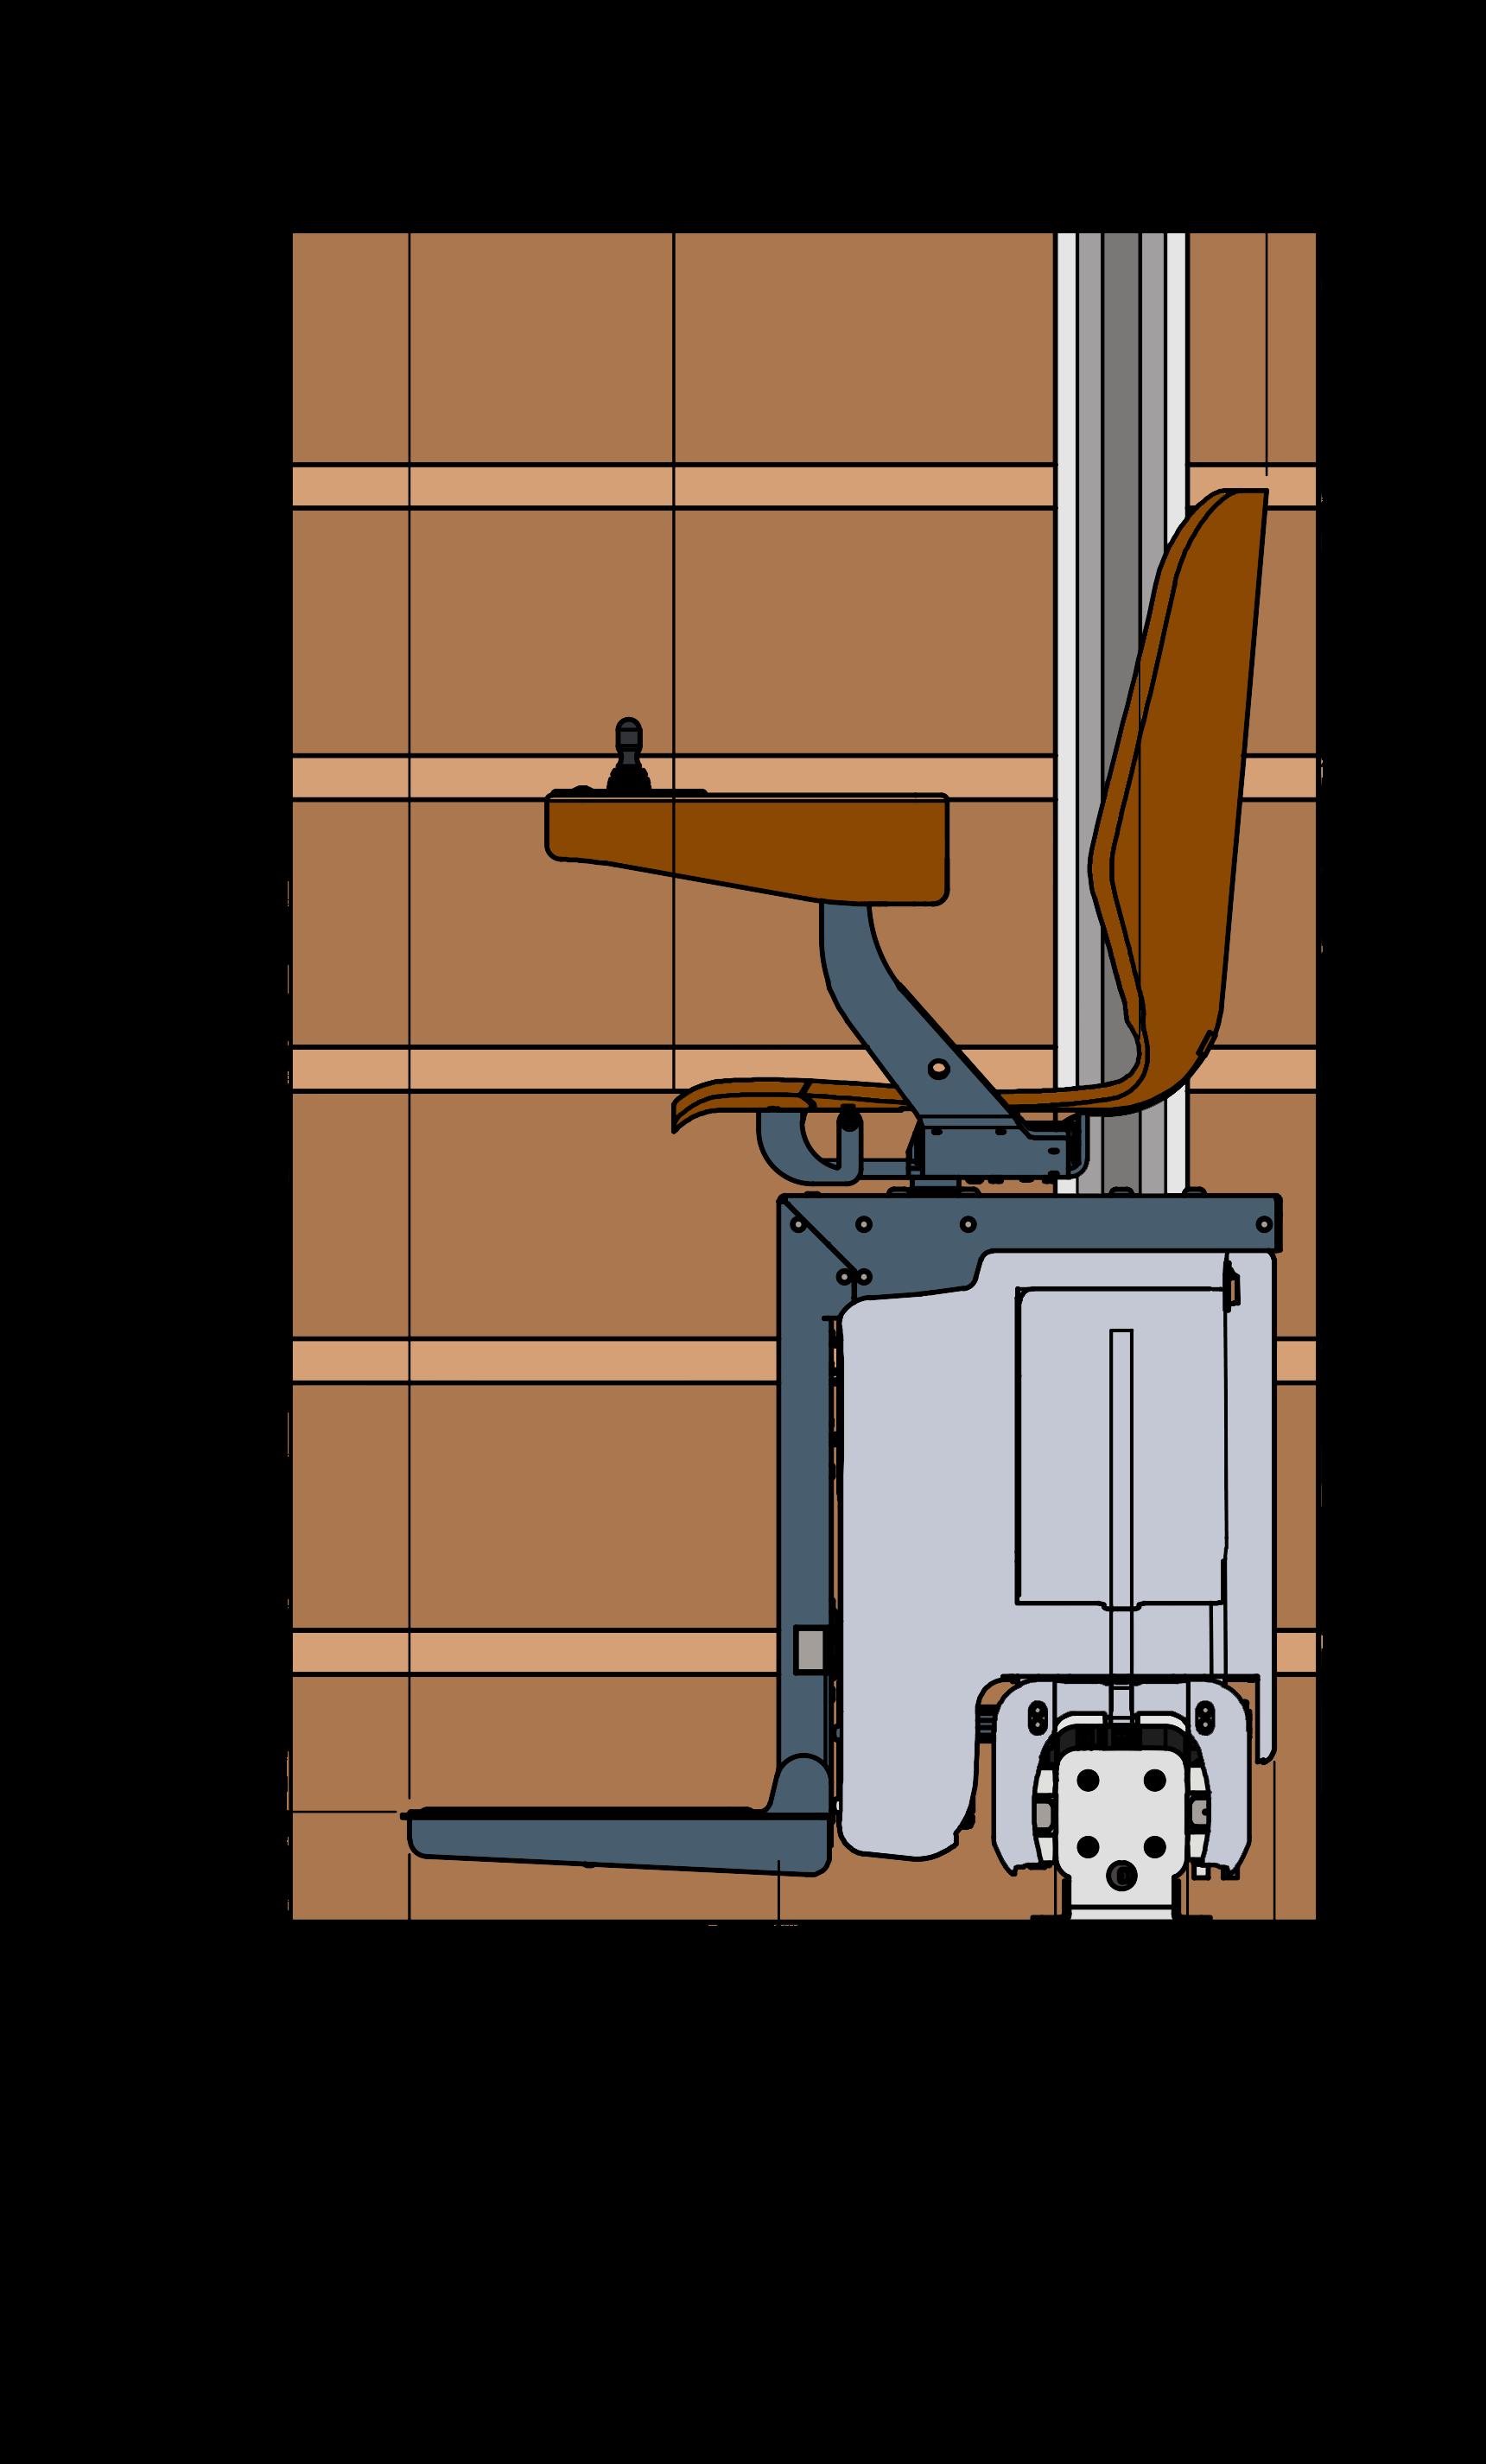 Dieses Bild zeigt eine schematische Seitenansicht eines UP-Treppenlift auf eine braunen Treppe.